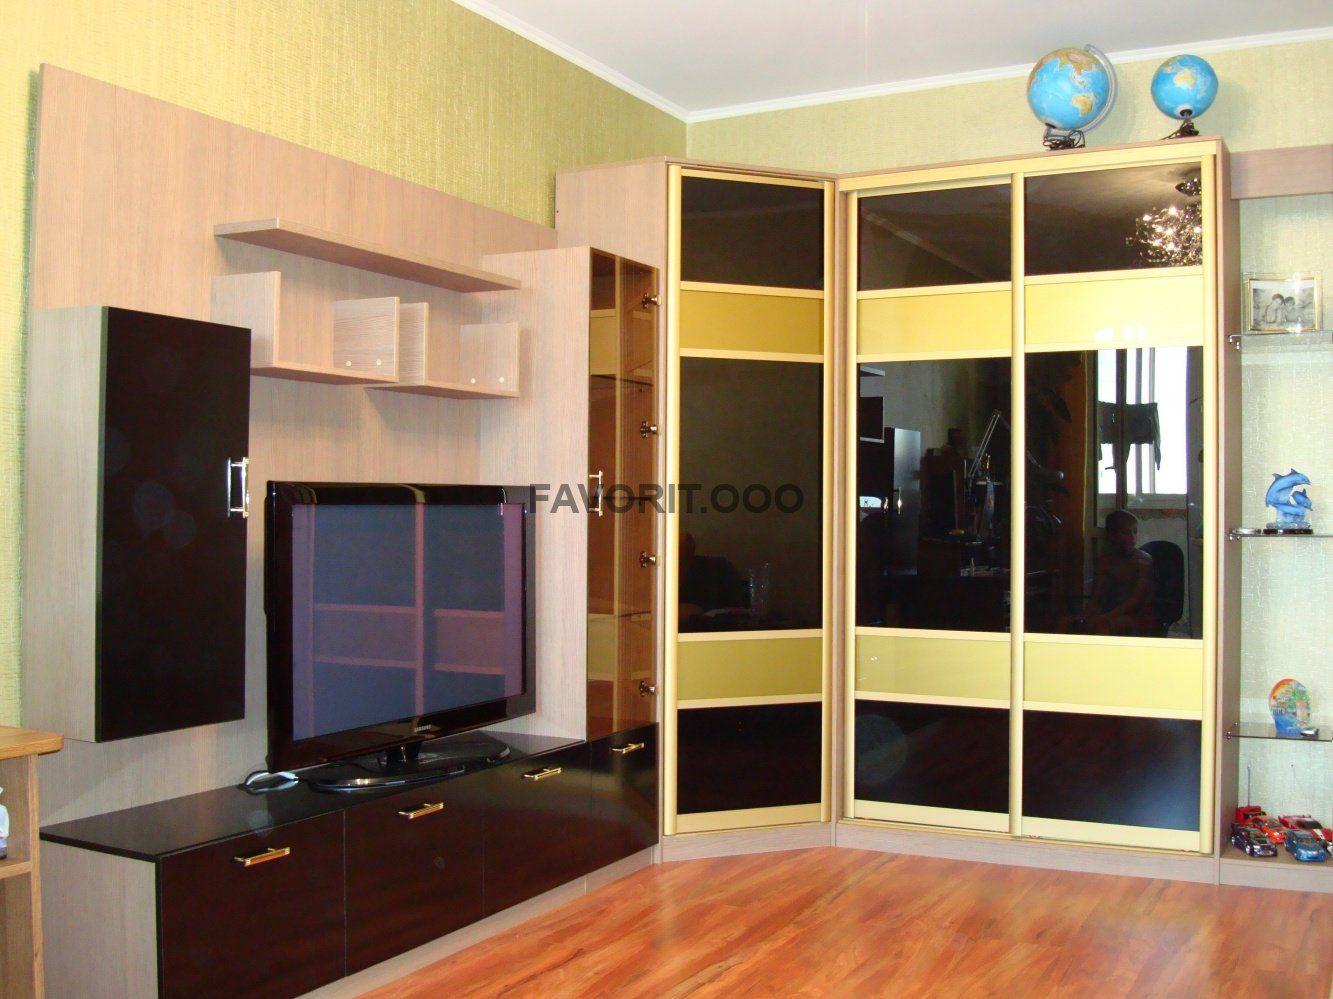 Гостиная с tv-зоной, угловым шкафом и шкафом купе.